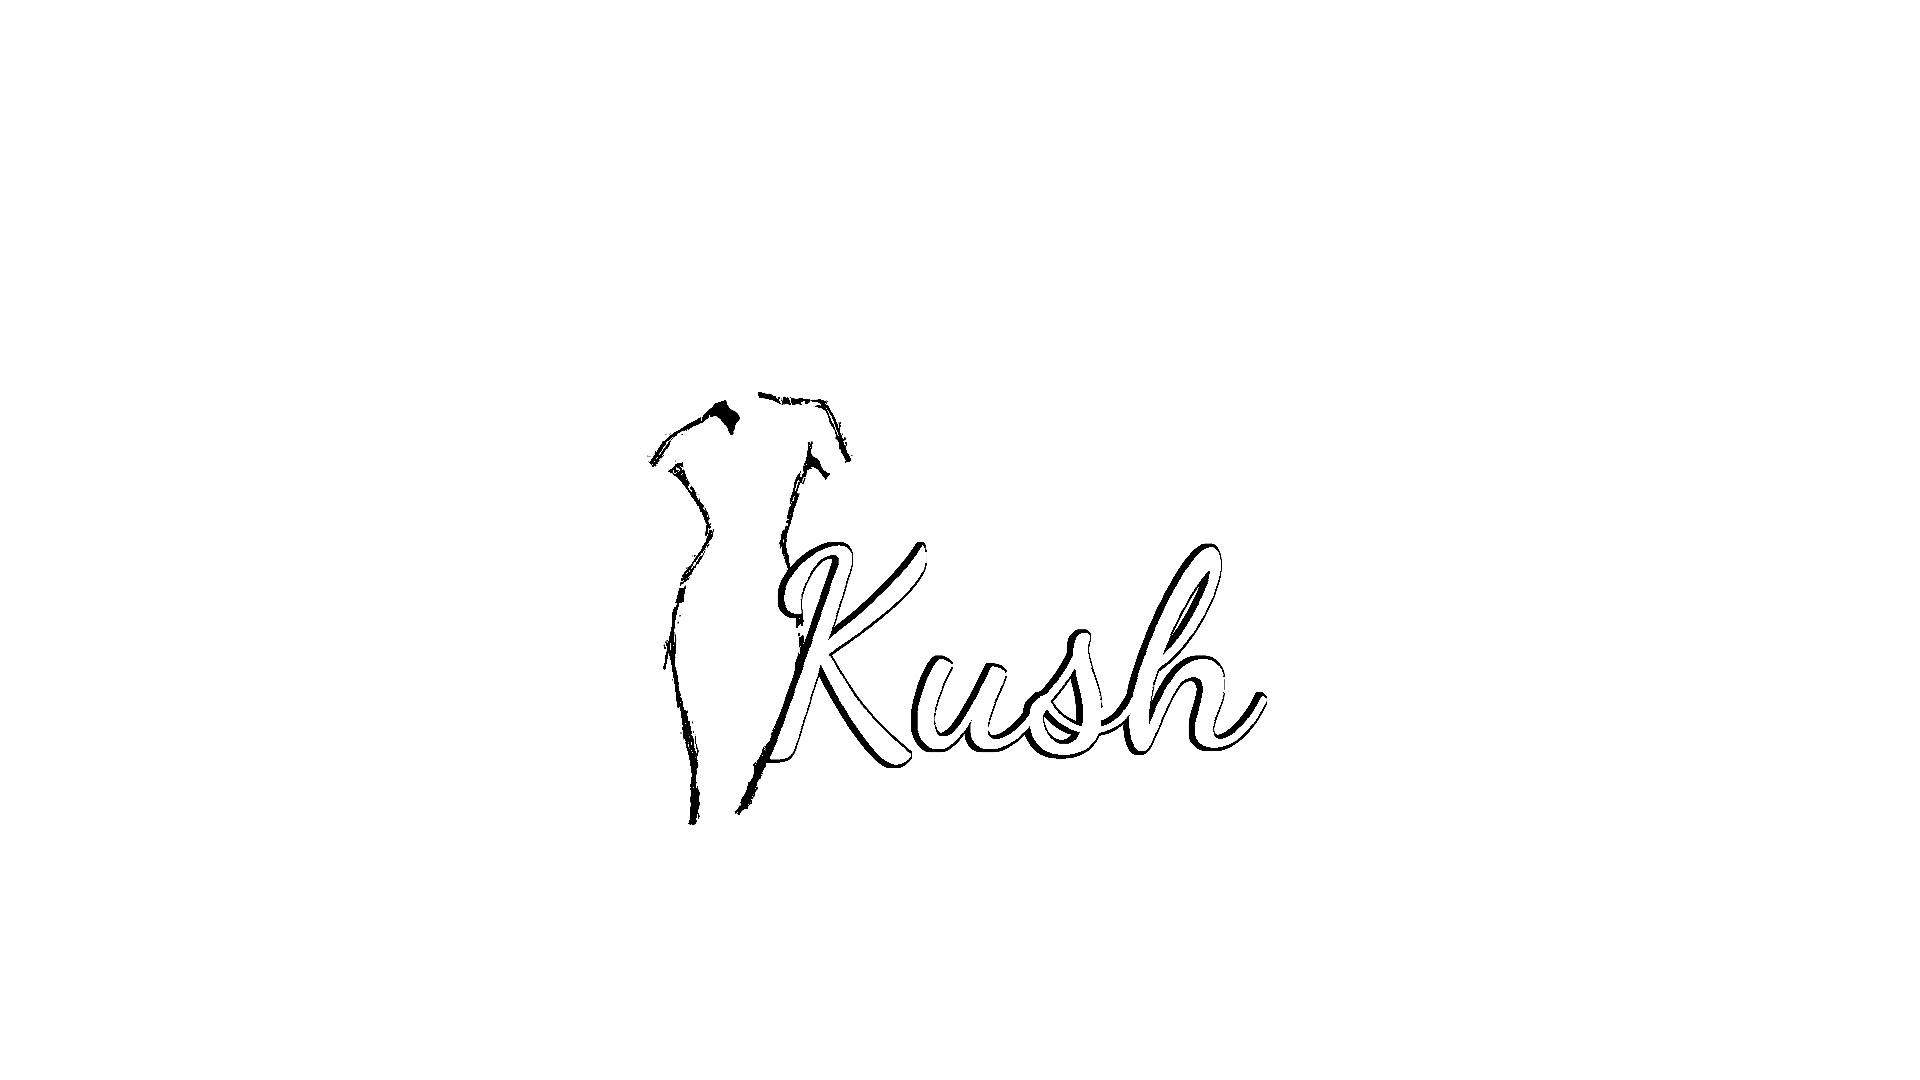 Логотип, товарный знак. Далее разработка brend booka компани фото f_9245ce3297e1002b.jpg